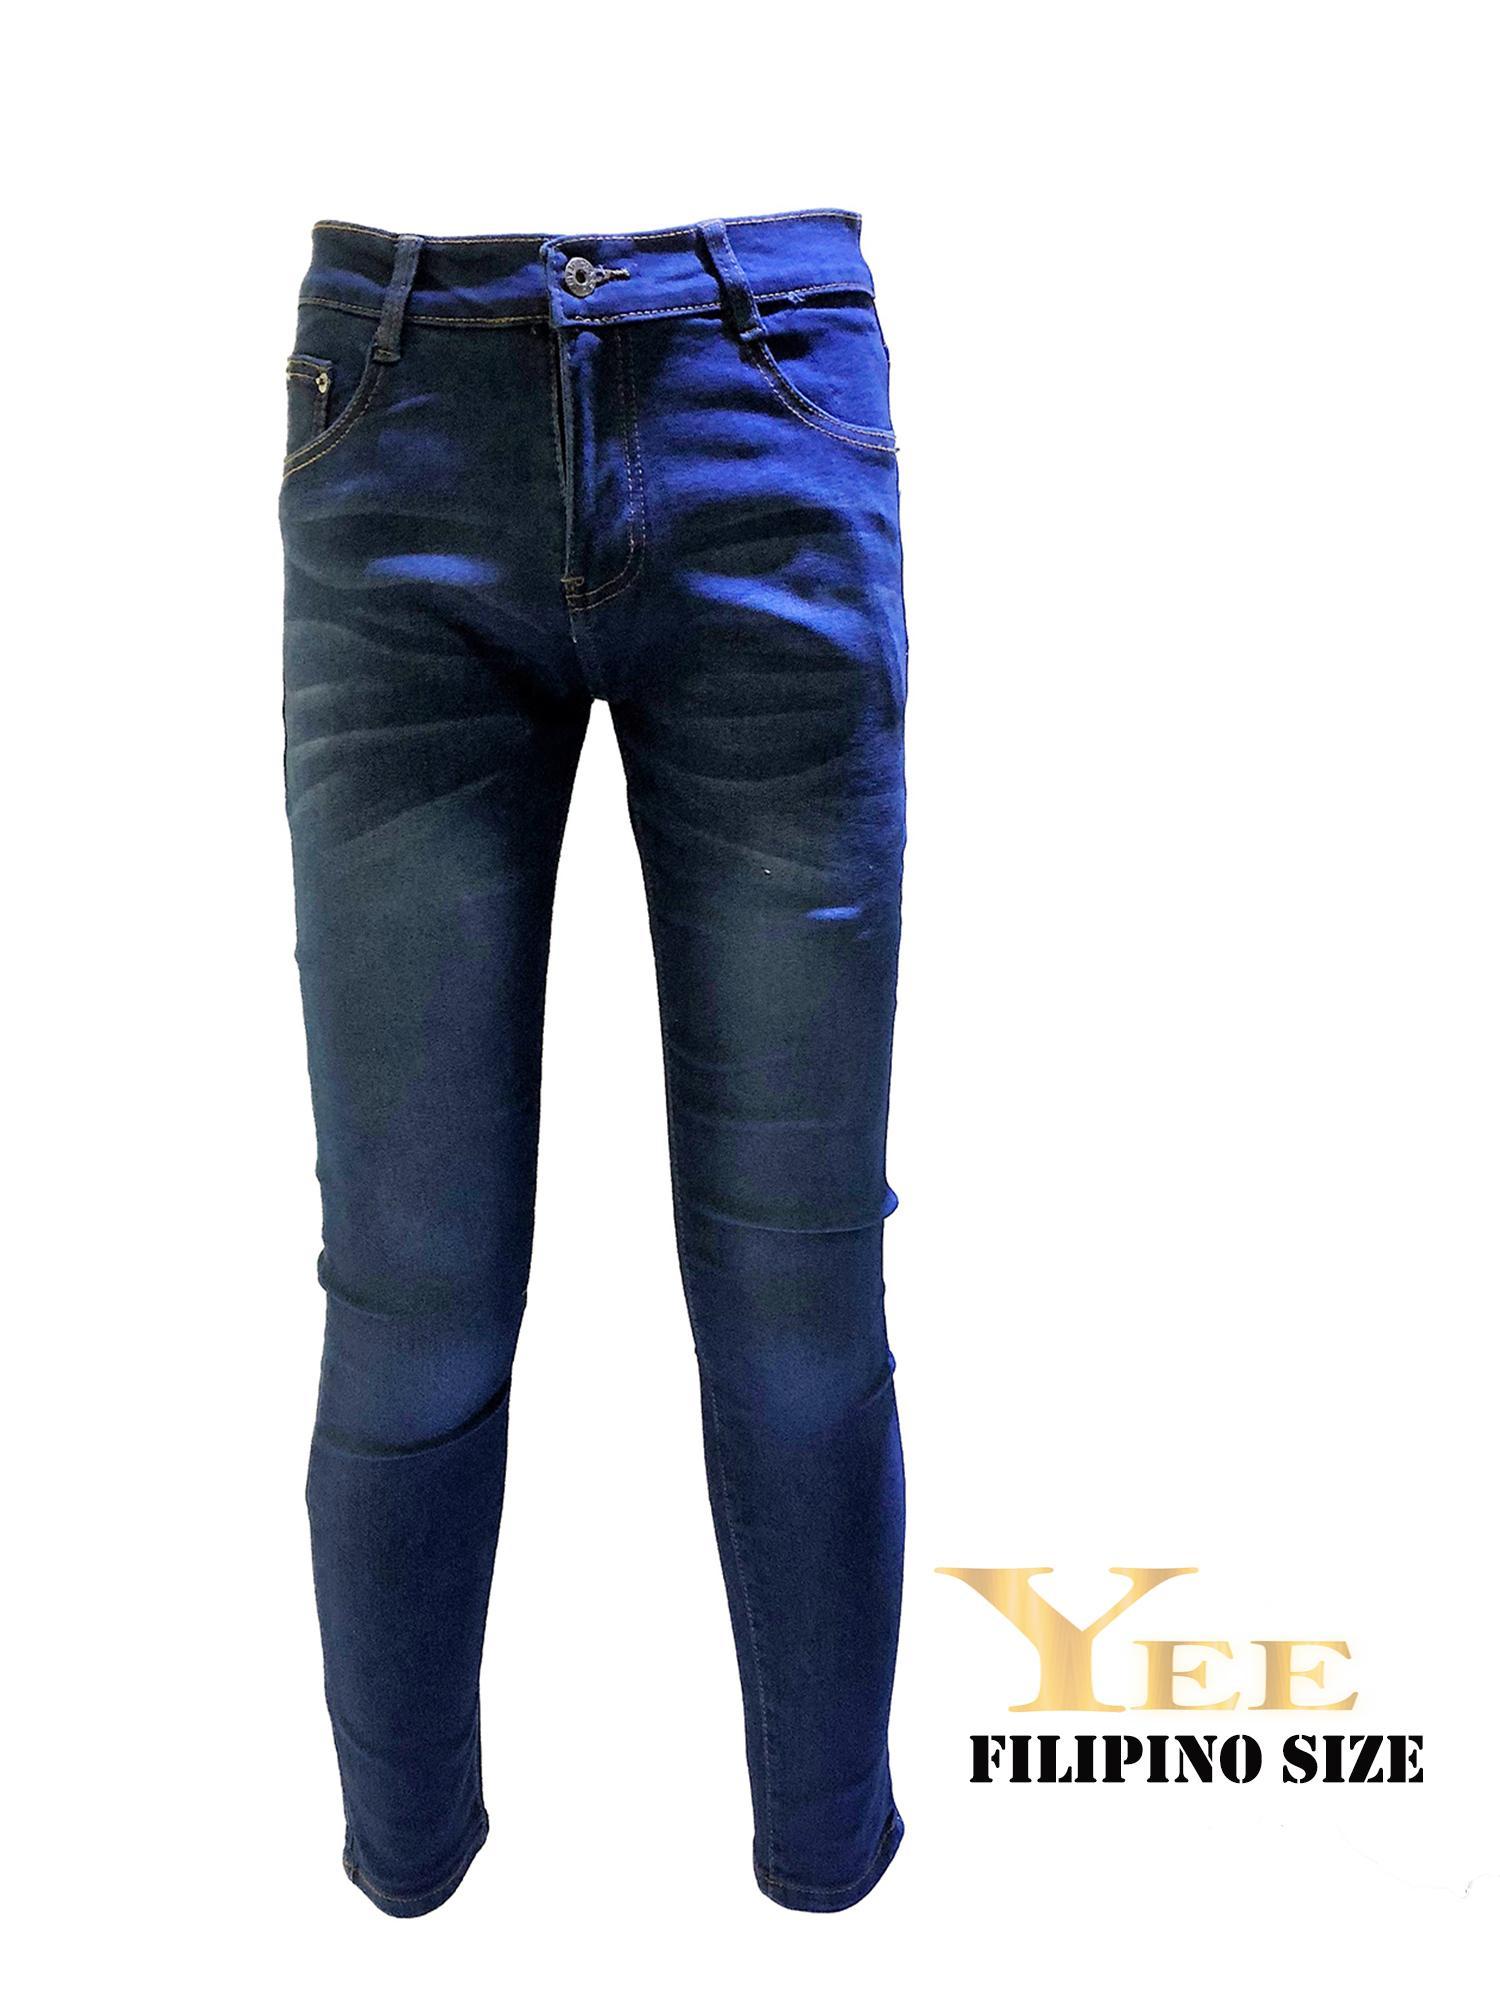 7dd70ea0915 Jeans for Men for sale - Mens Jeans online brands